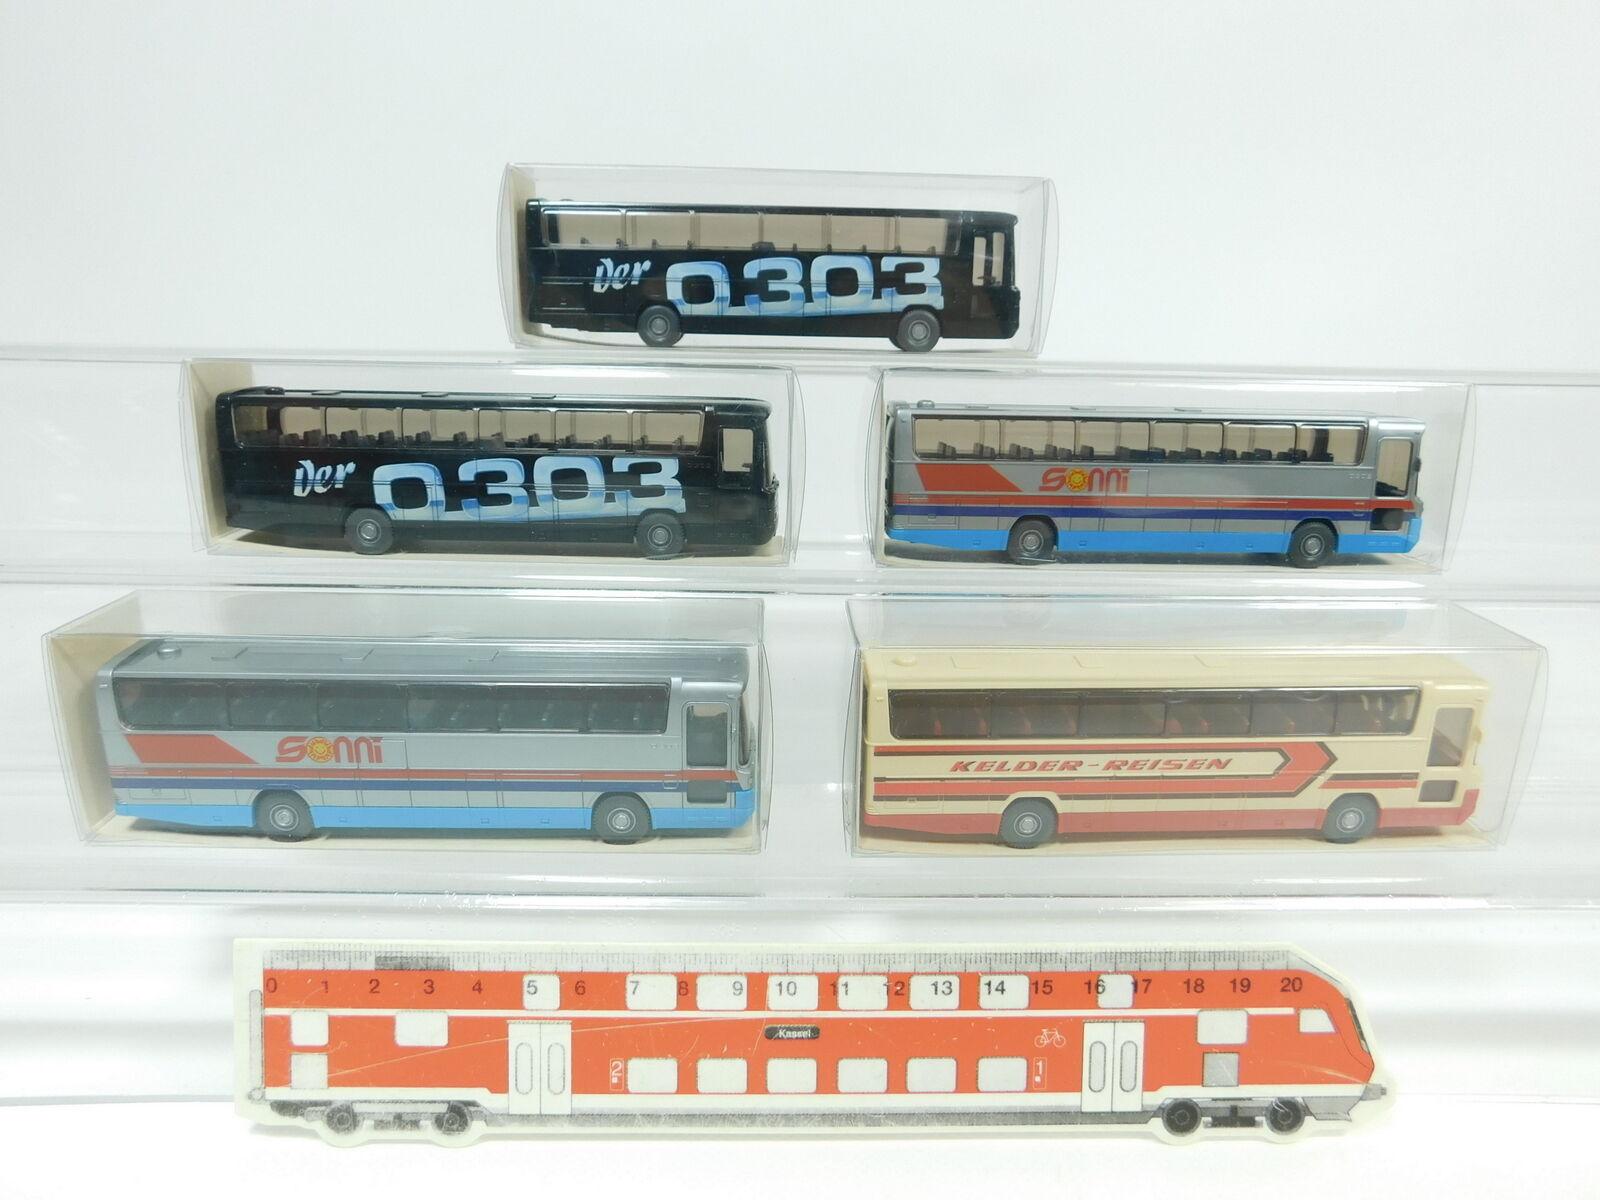 BD294-0,5  5x Wiking H0 1 87 Bus Mercedes MB RHD O 303  712 1  712, NEUWOVP  | Starke Hitze- und Abnutzungsbeständigkeit